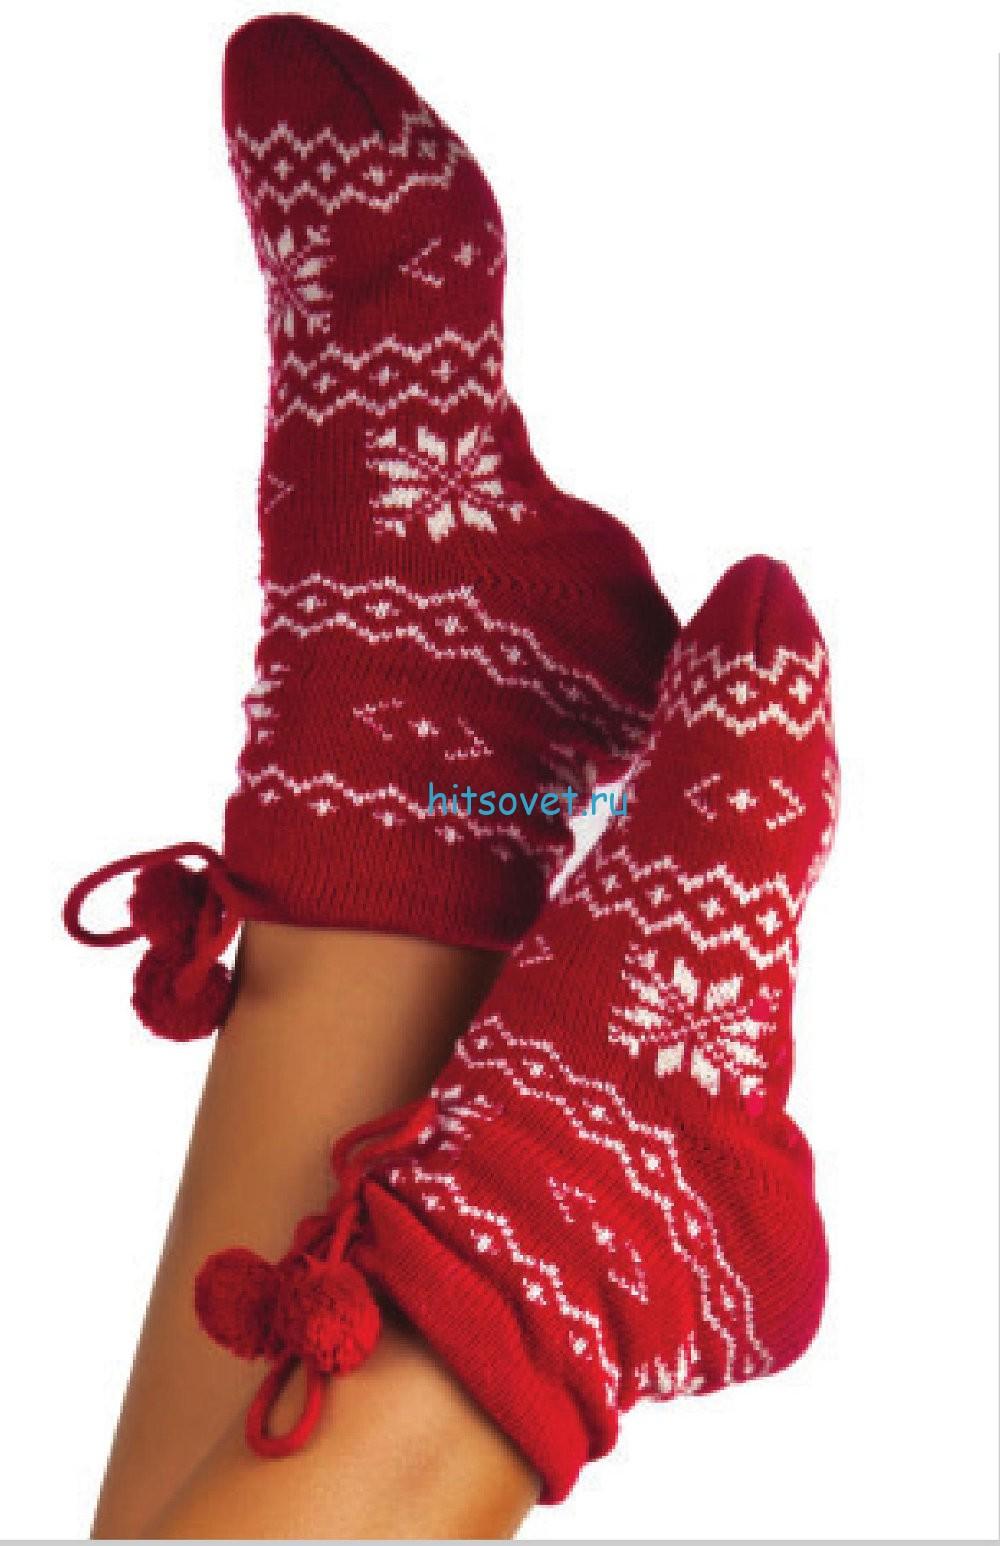 Вязание носков с жаккардовым узором